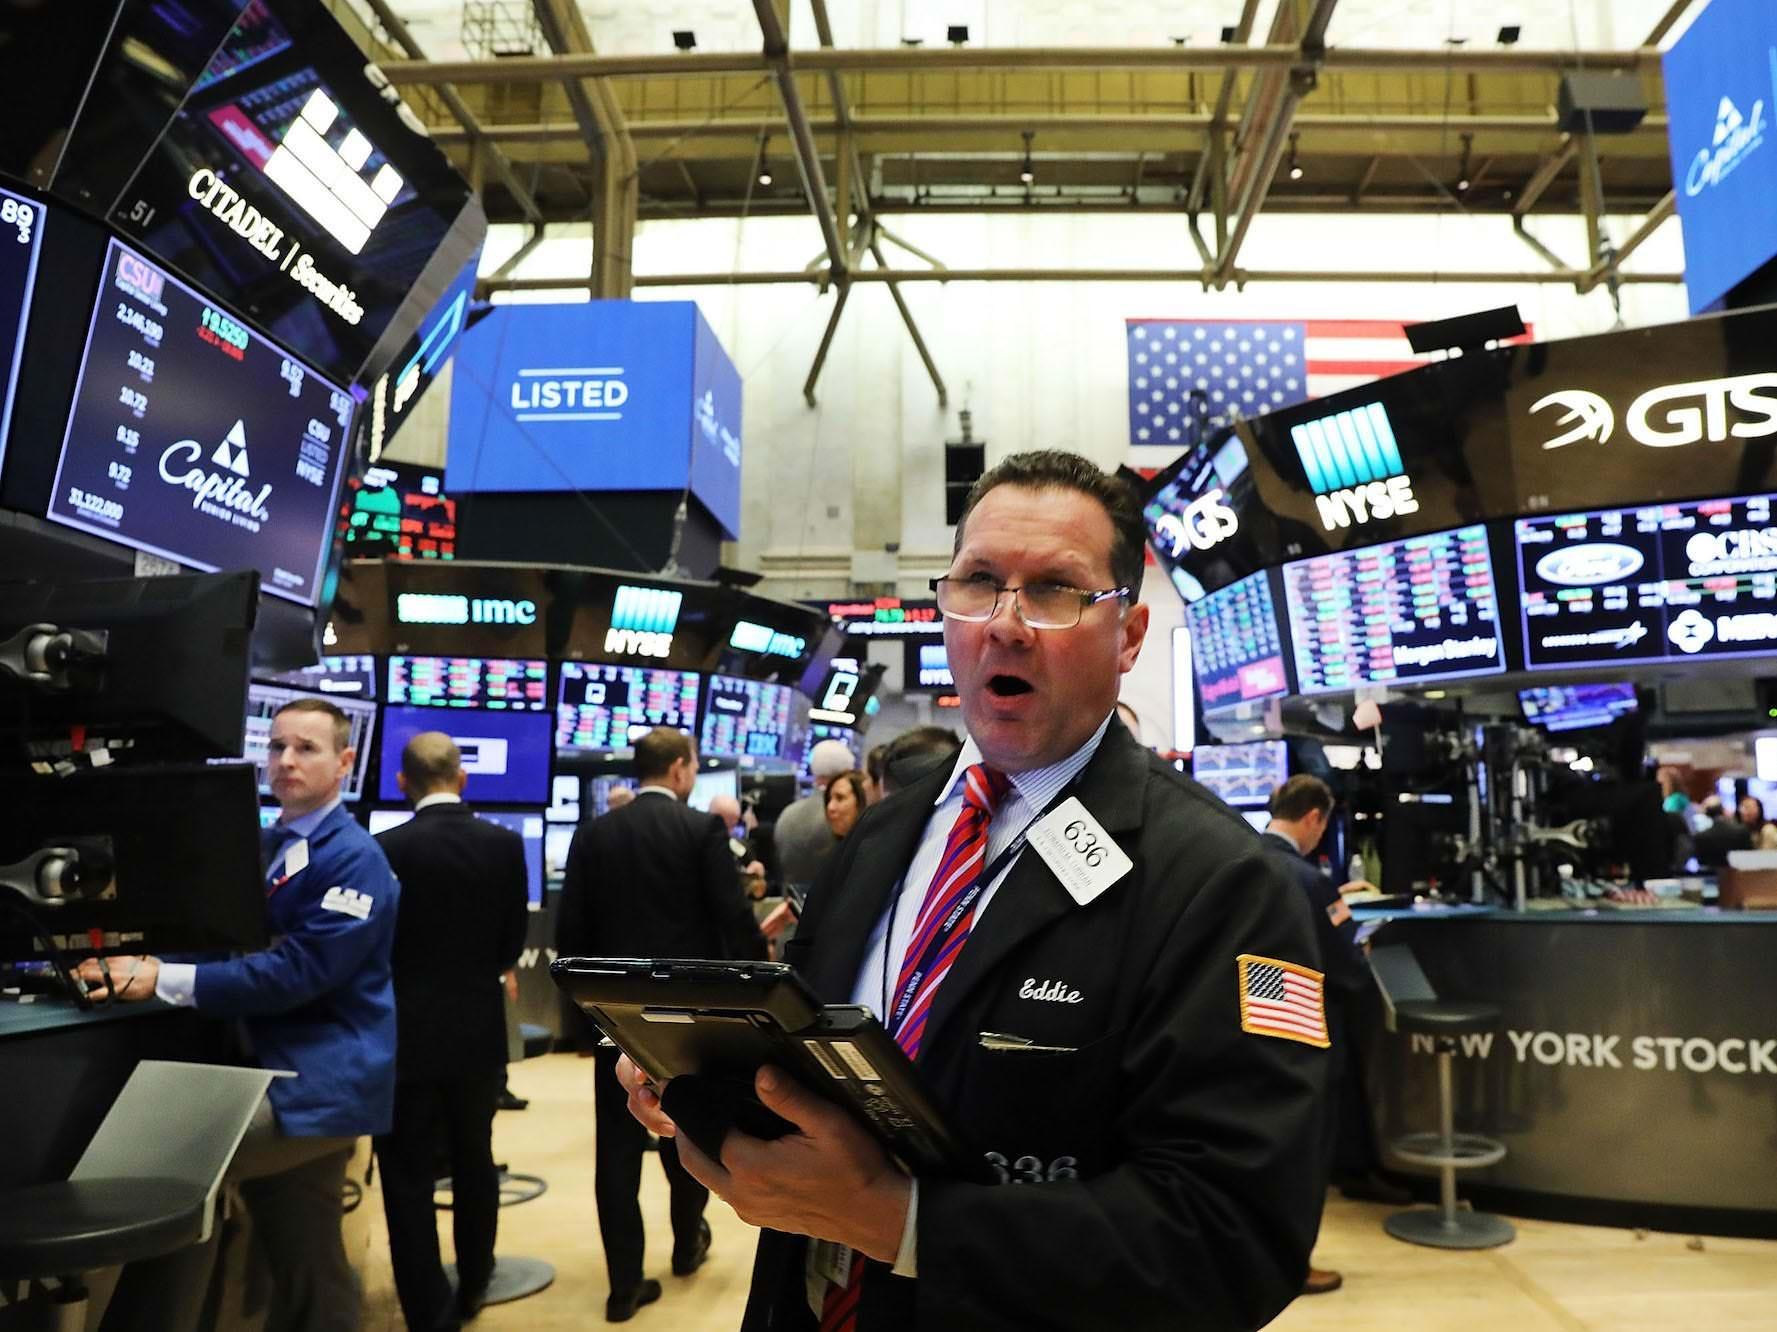 Um diretor de investimentos de uma empresa de US $ 5,8 bilhões explica por que uma bolha do tipo pontocom se formando em ações culminará em um crash de 30-40% – e diz que o Fed pode detoná-la